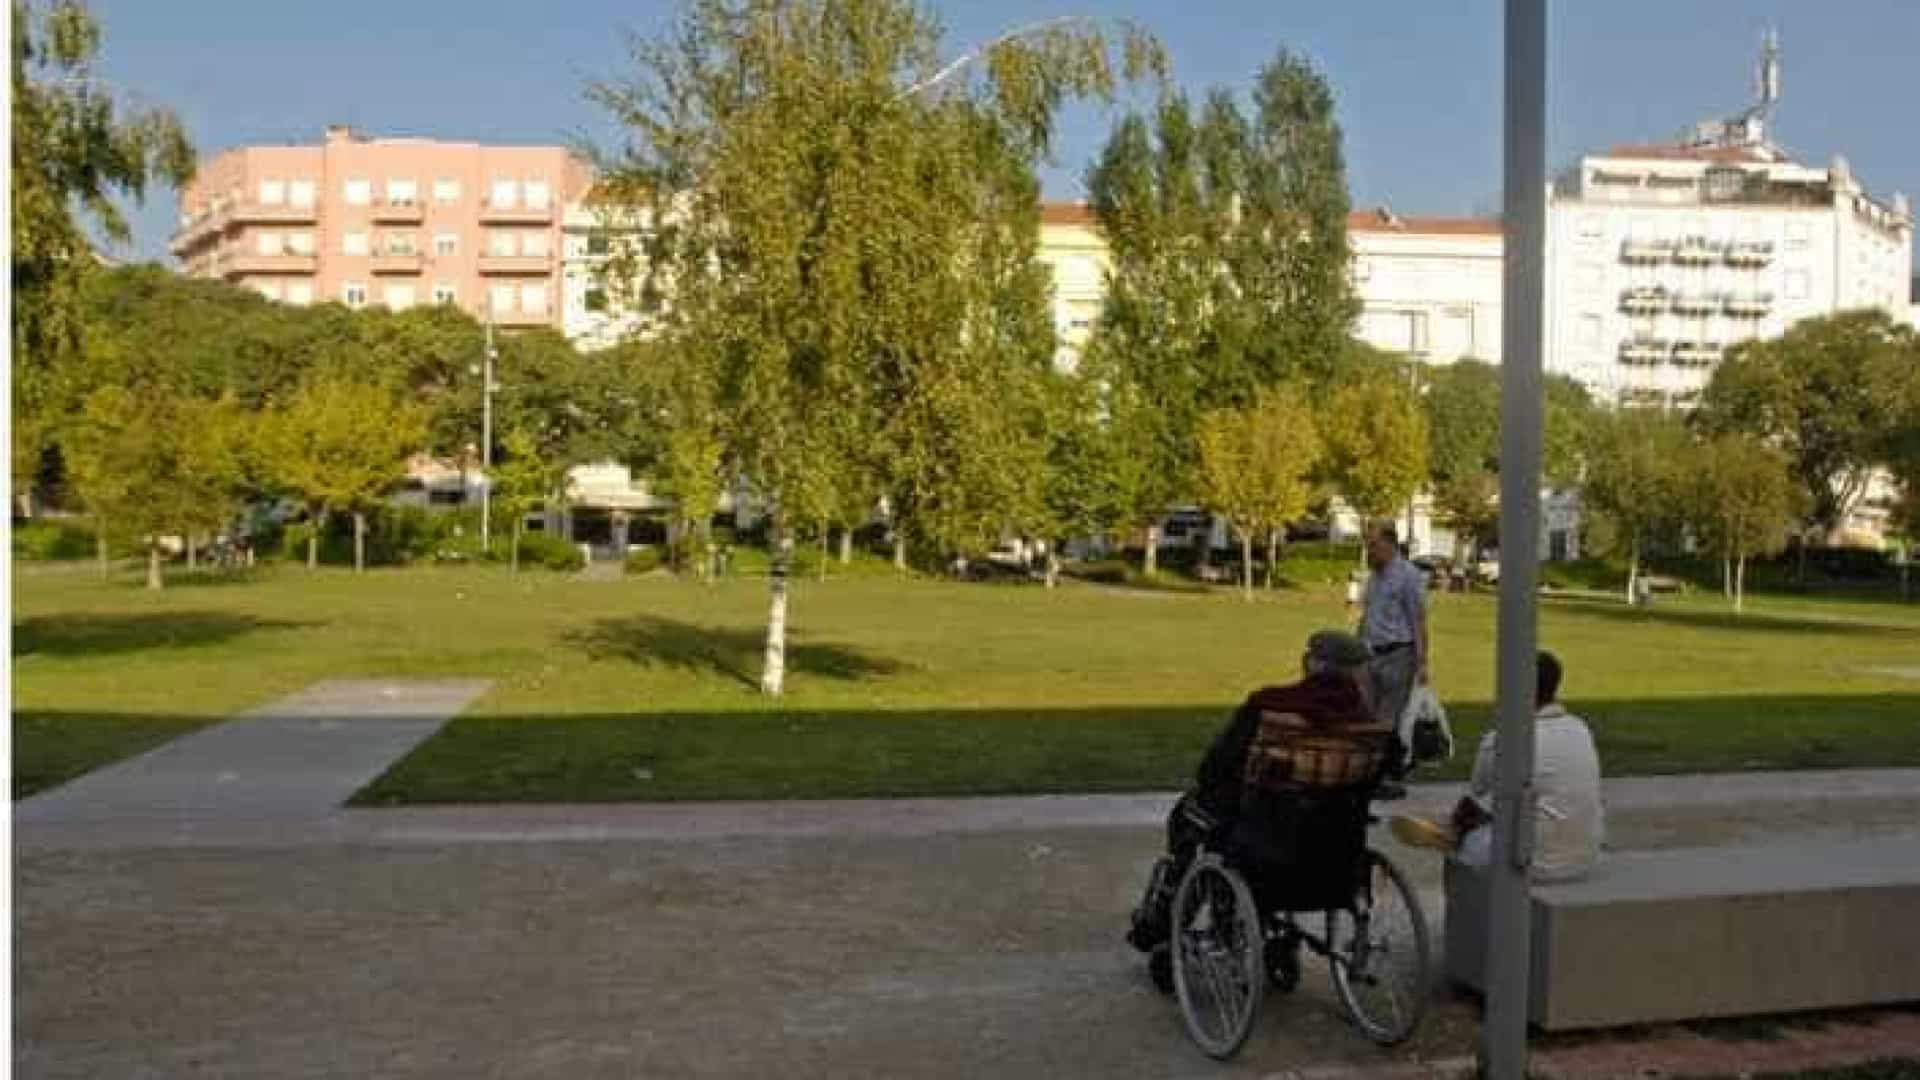 Universitários põem mãos à obra na limpeza do jardim do Arco do Cego